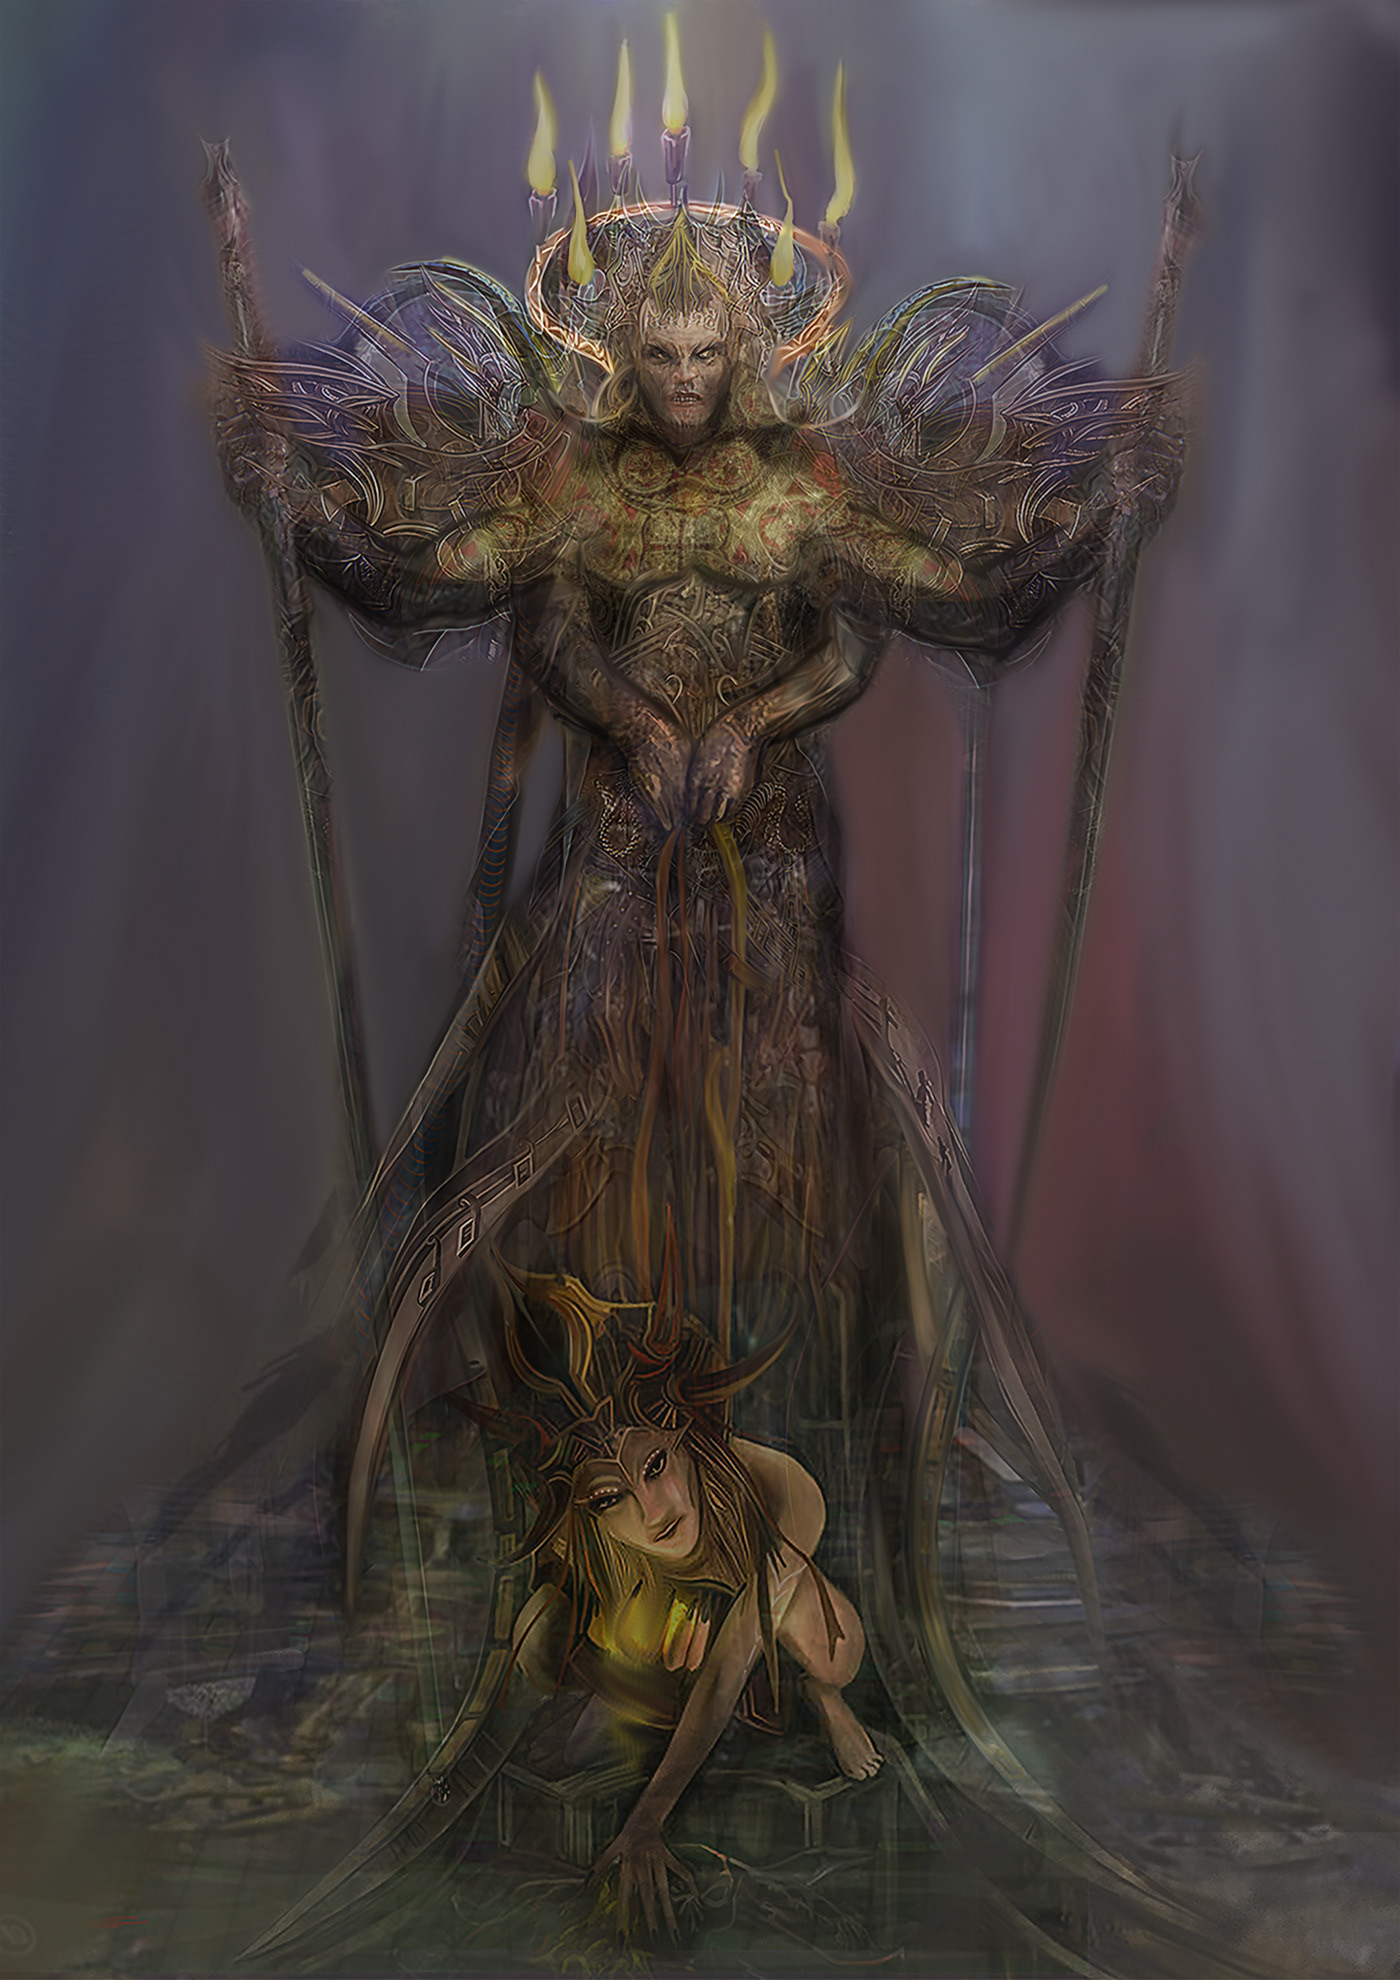 The Dark Fantasy Art of David Gaillet | Fantasy Artist